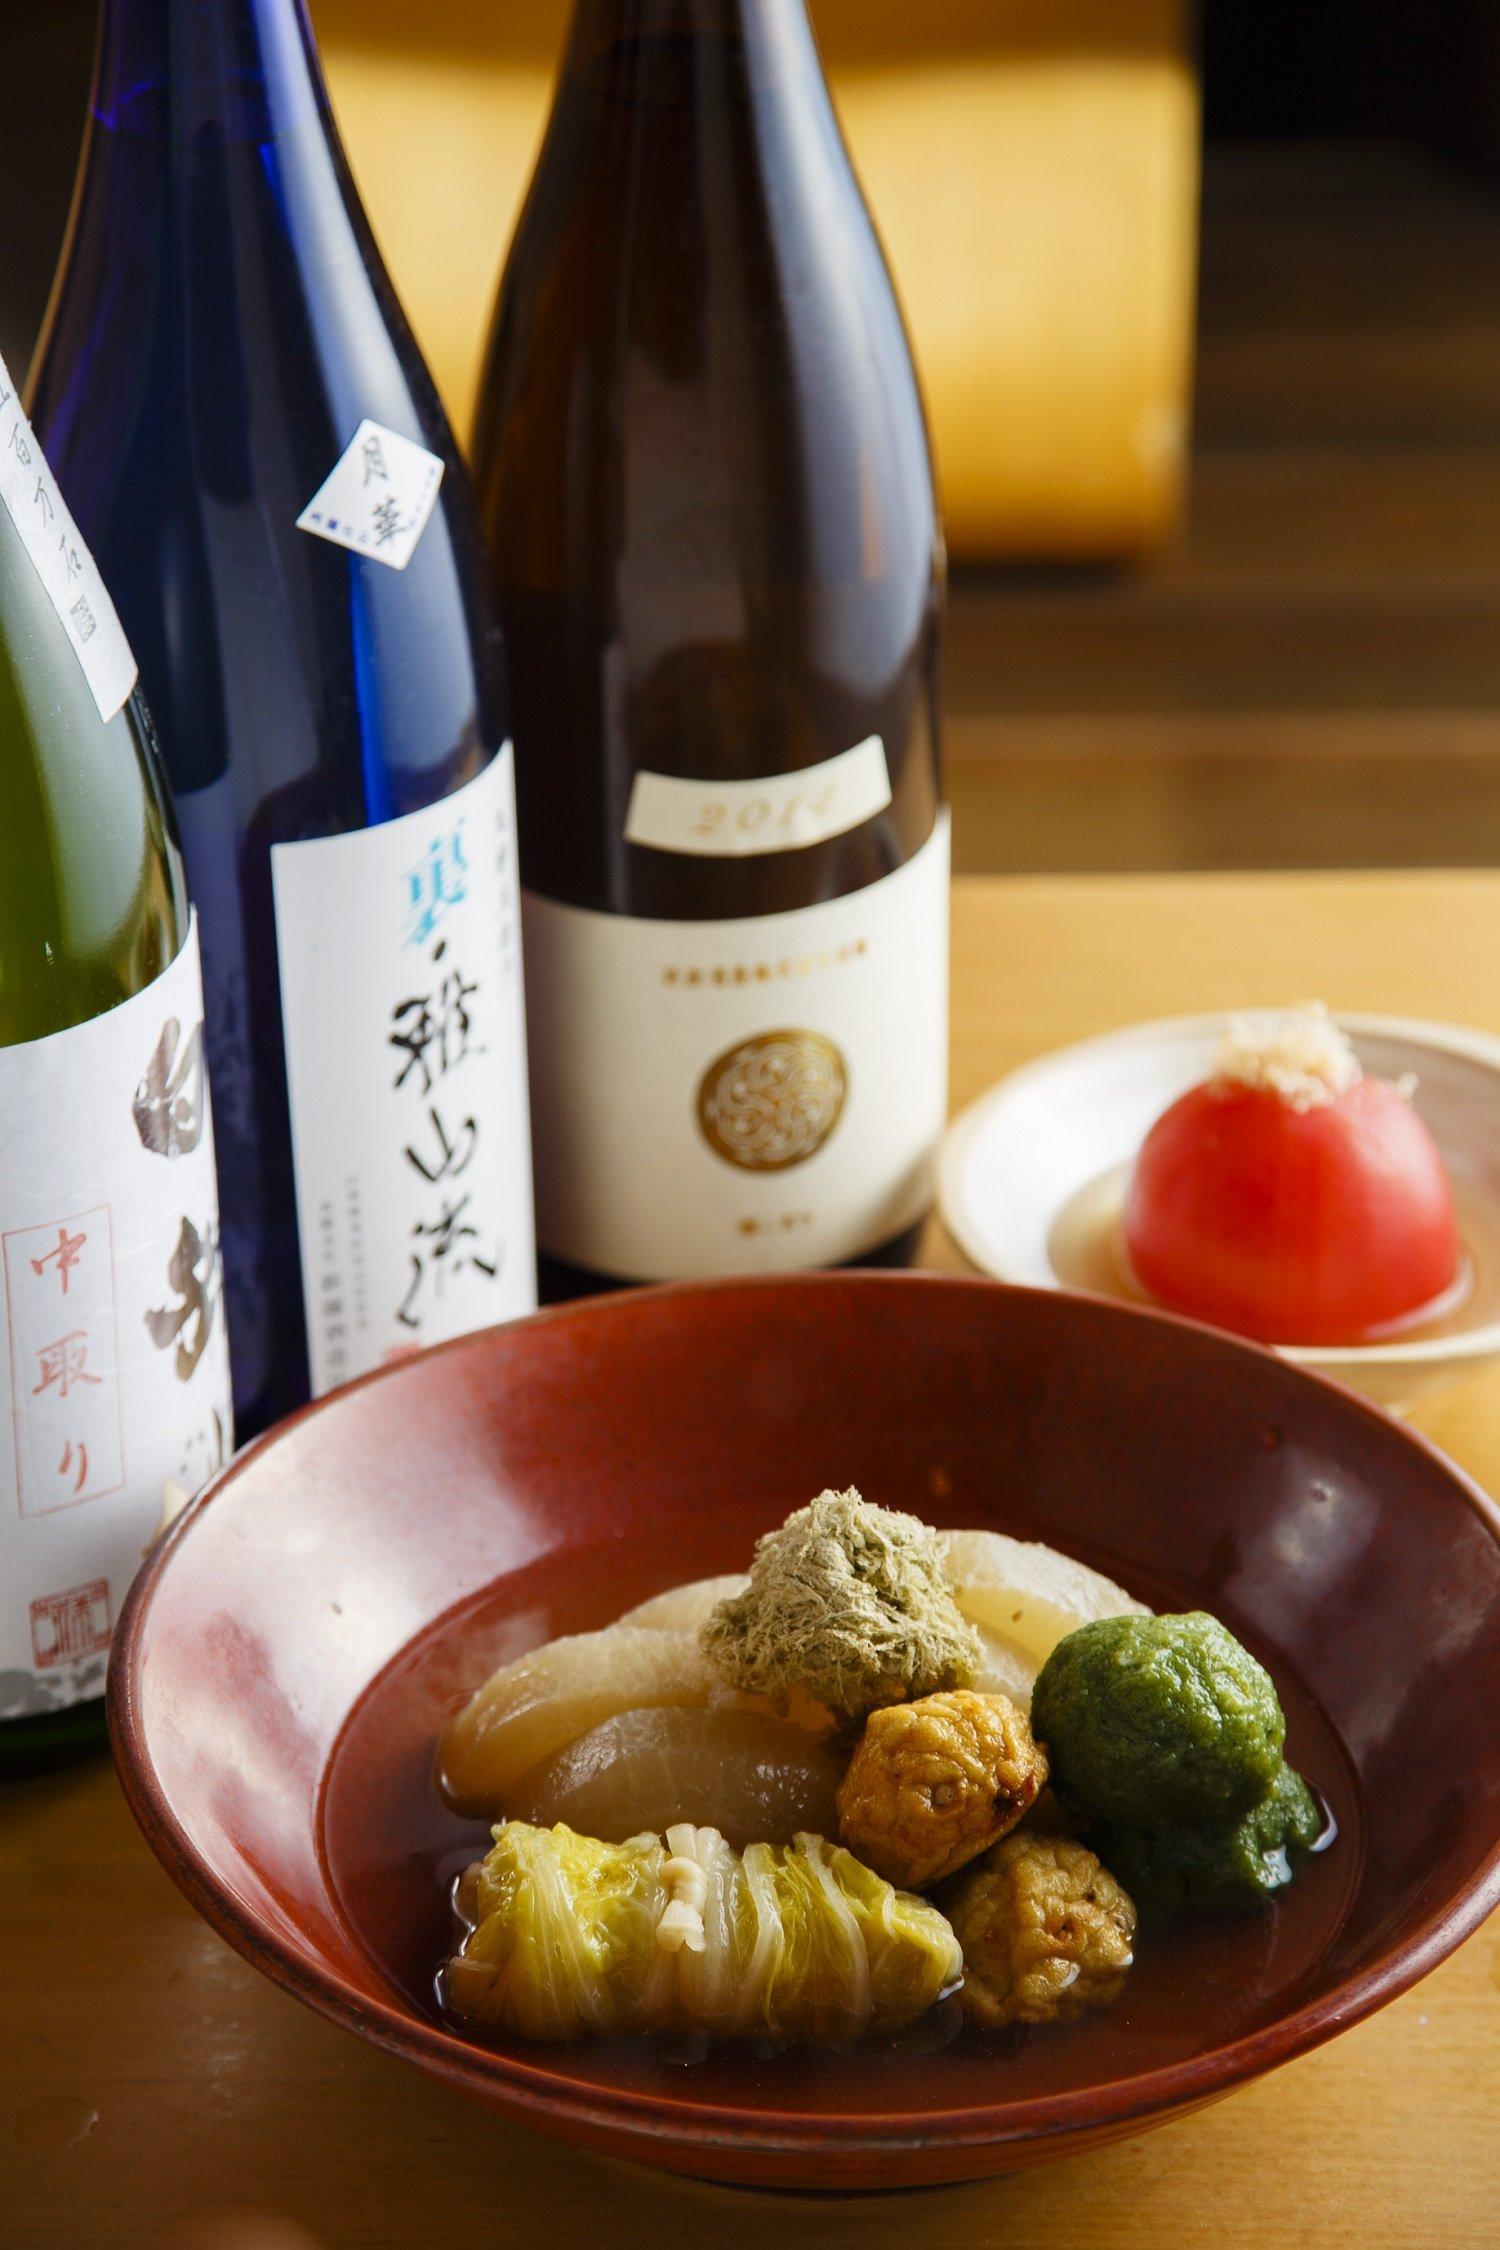 丸ごとトマト630円など。フレッシュで華やかな味の米沢『新藤酒造』の九郎左衛門・裏雅山流など、銘酒とともに。